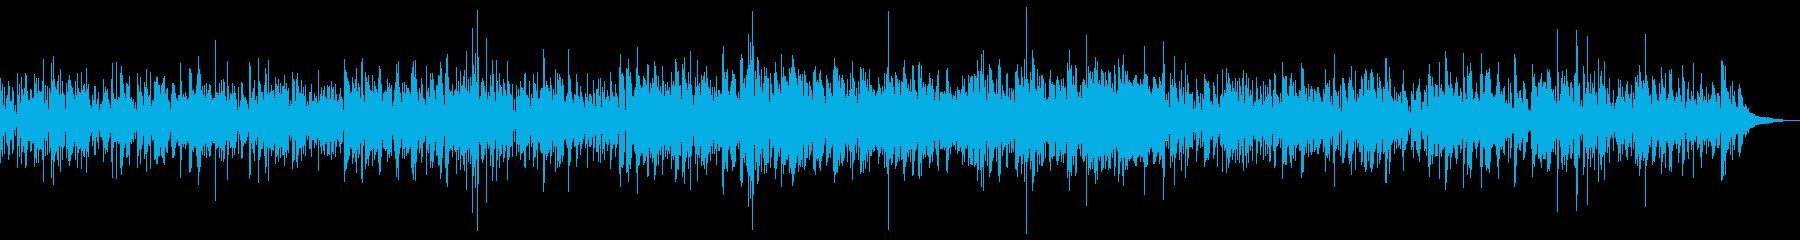 ビブラフォンのジャズボッサの再生済みの波形